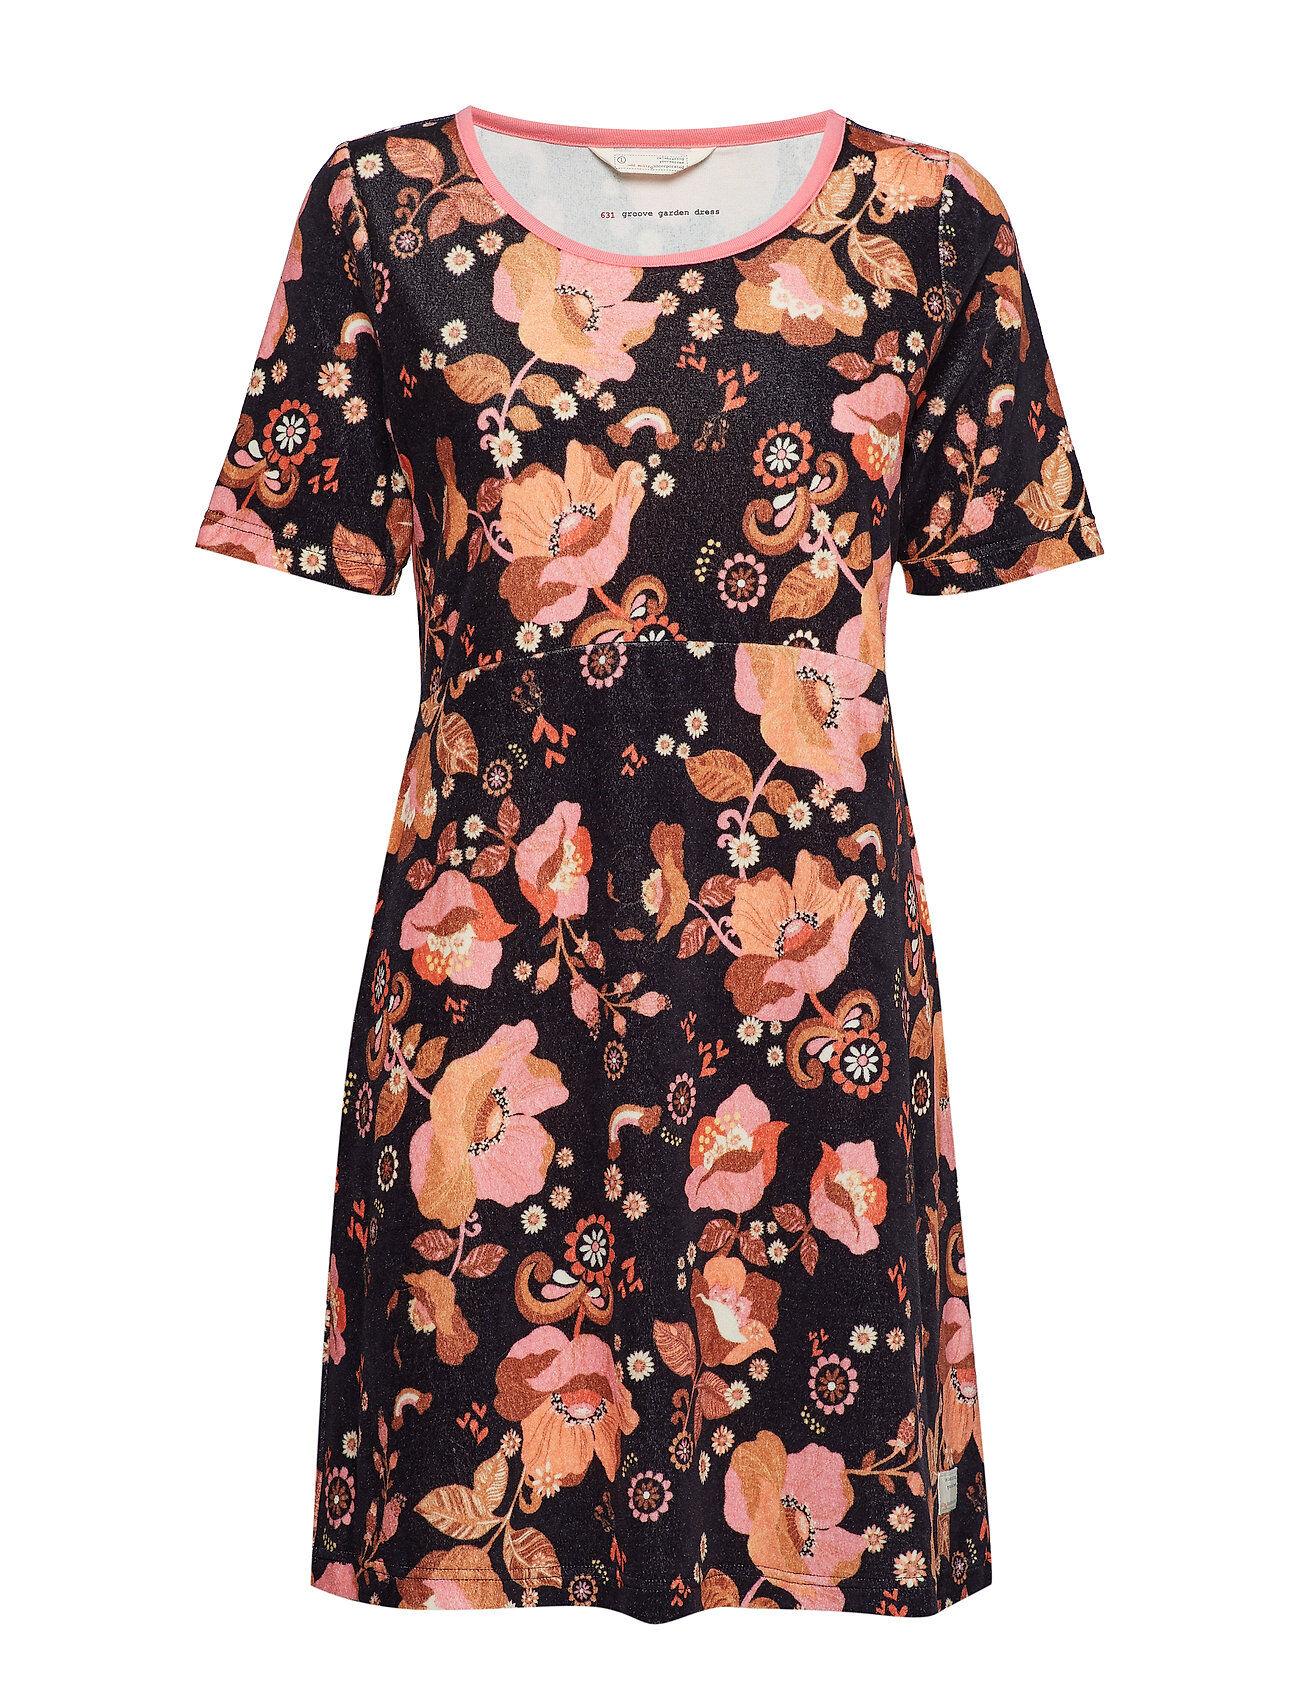 Image of ODD MOLLY Groove Garden Dress Polvipituinen Mekko Monivärinen/Kuvioitu ODD MOLLY